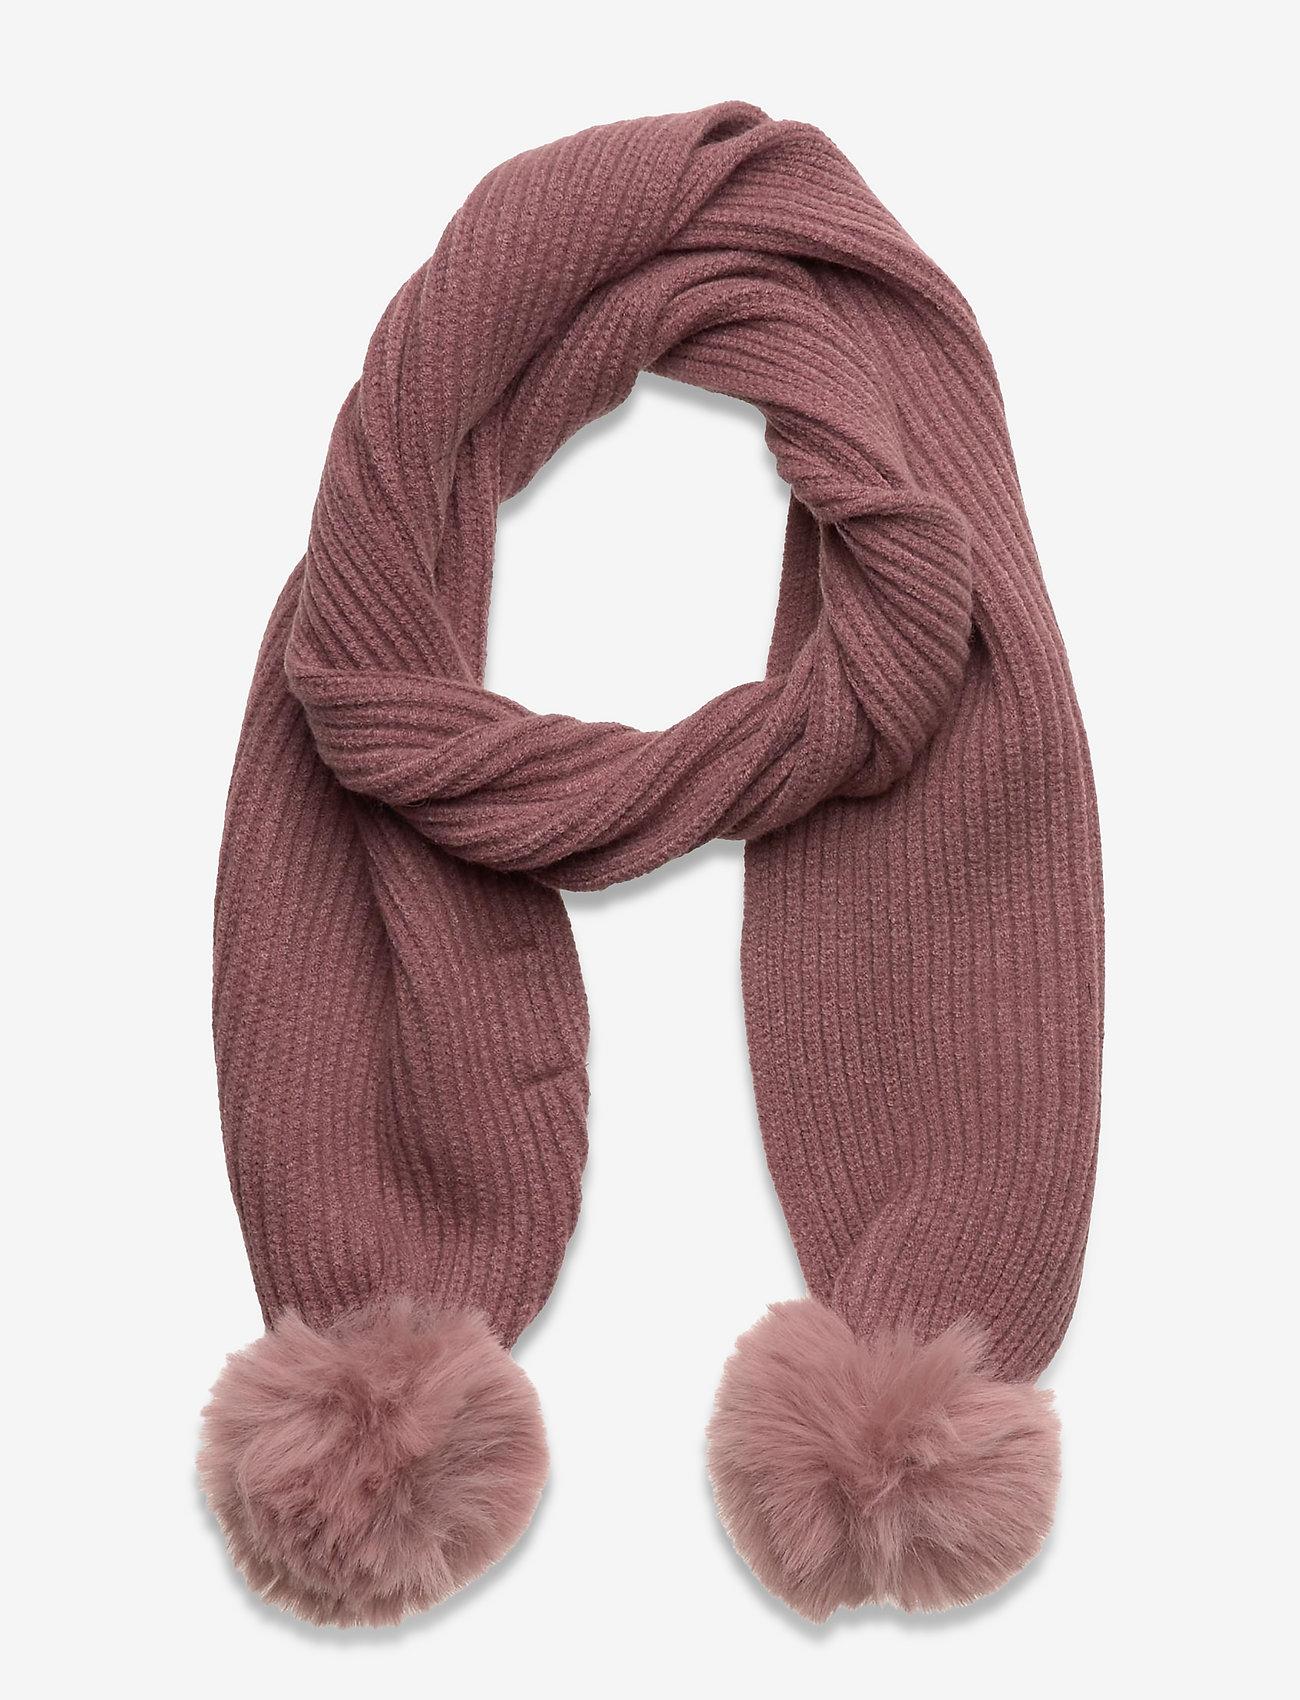 Mango - BALG1 - halstørklæder & tørklæder - pink - 0